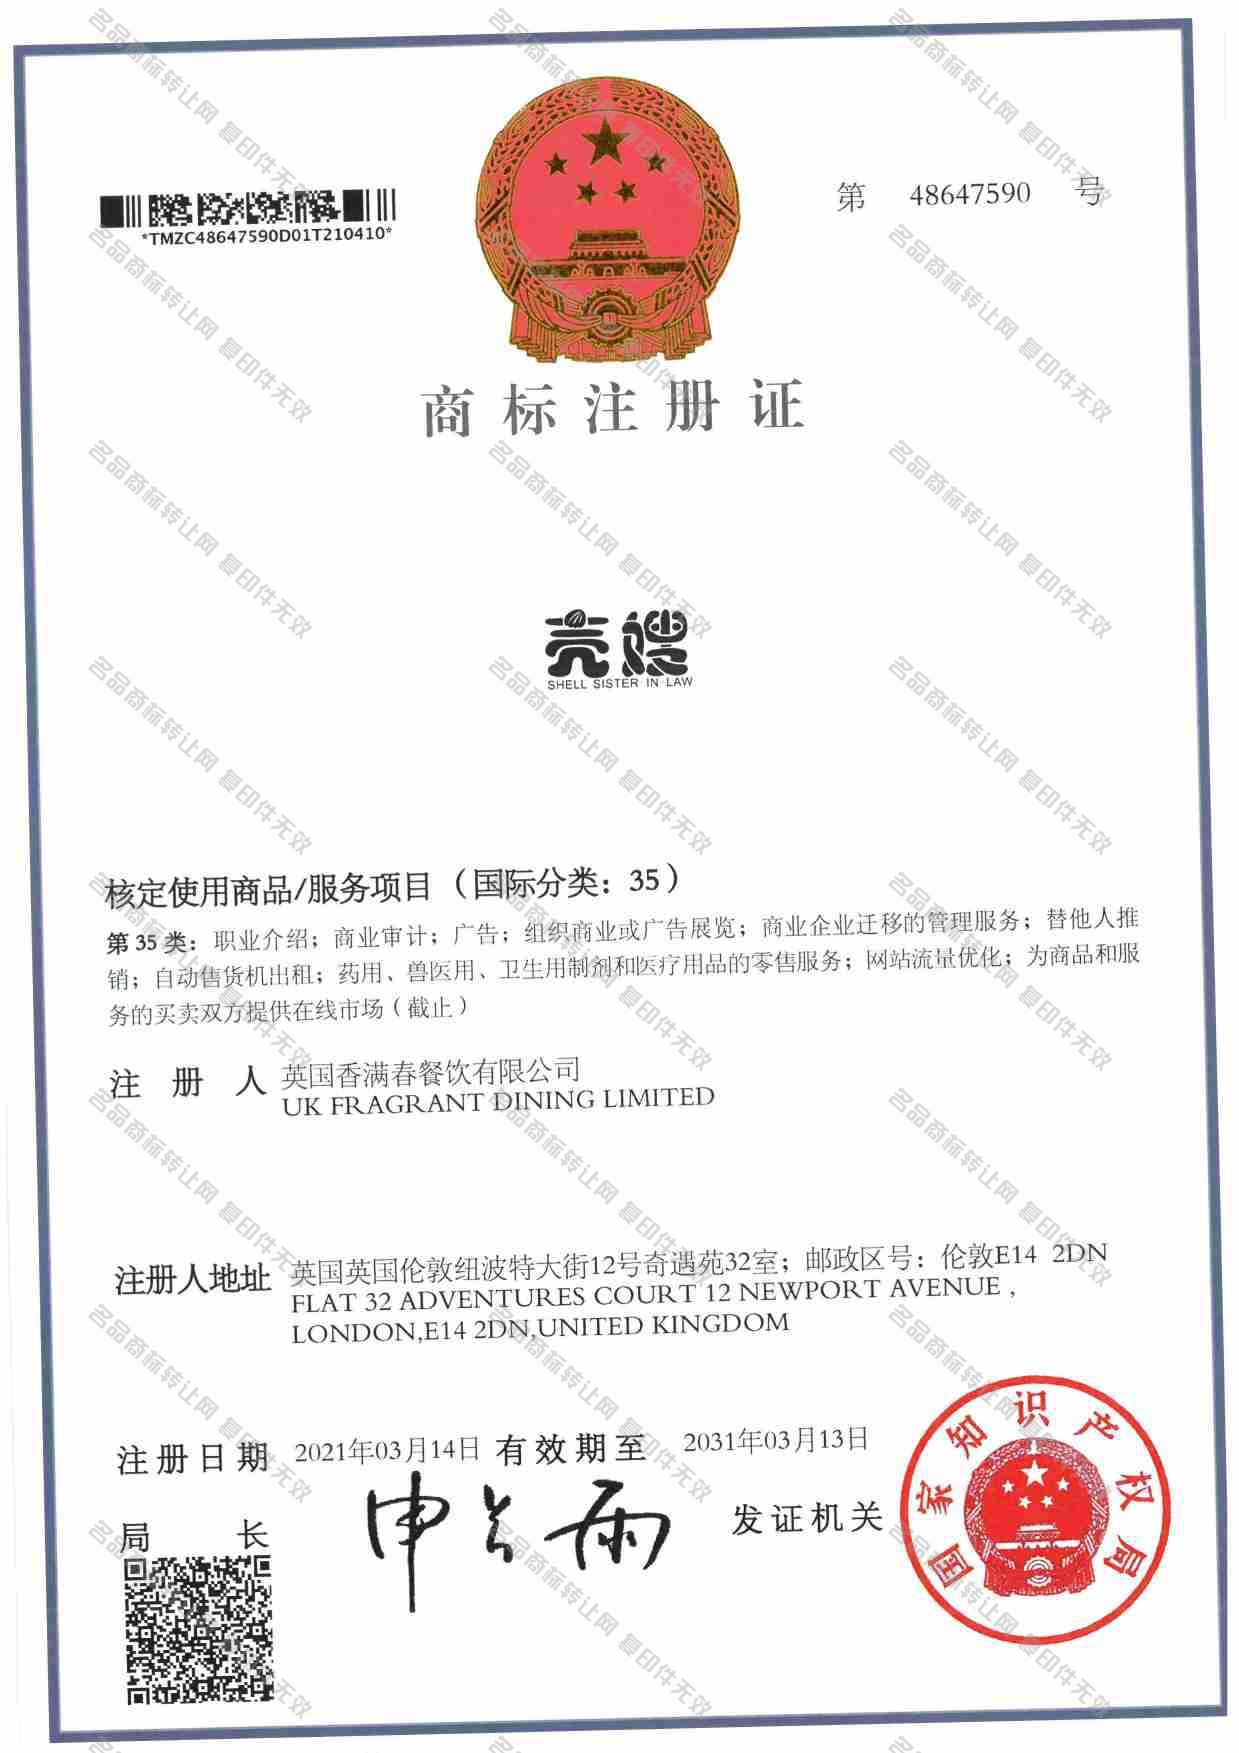 壳嫂  SHELL SISTER-IN-LAW注册证